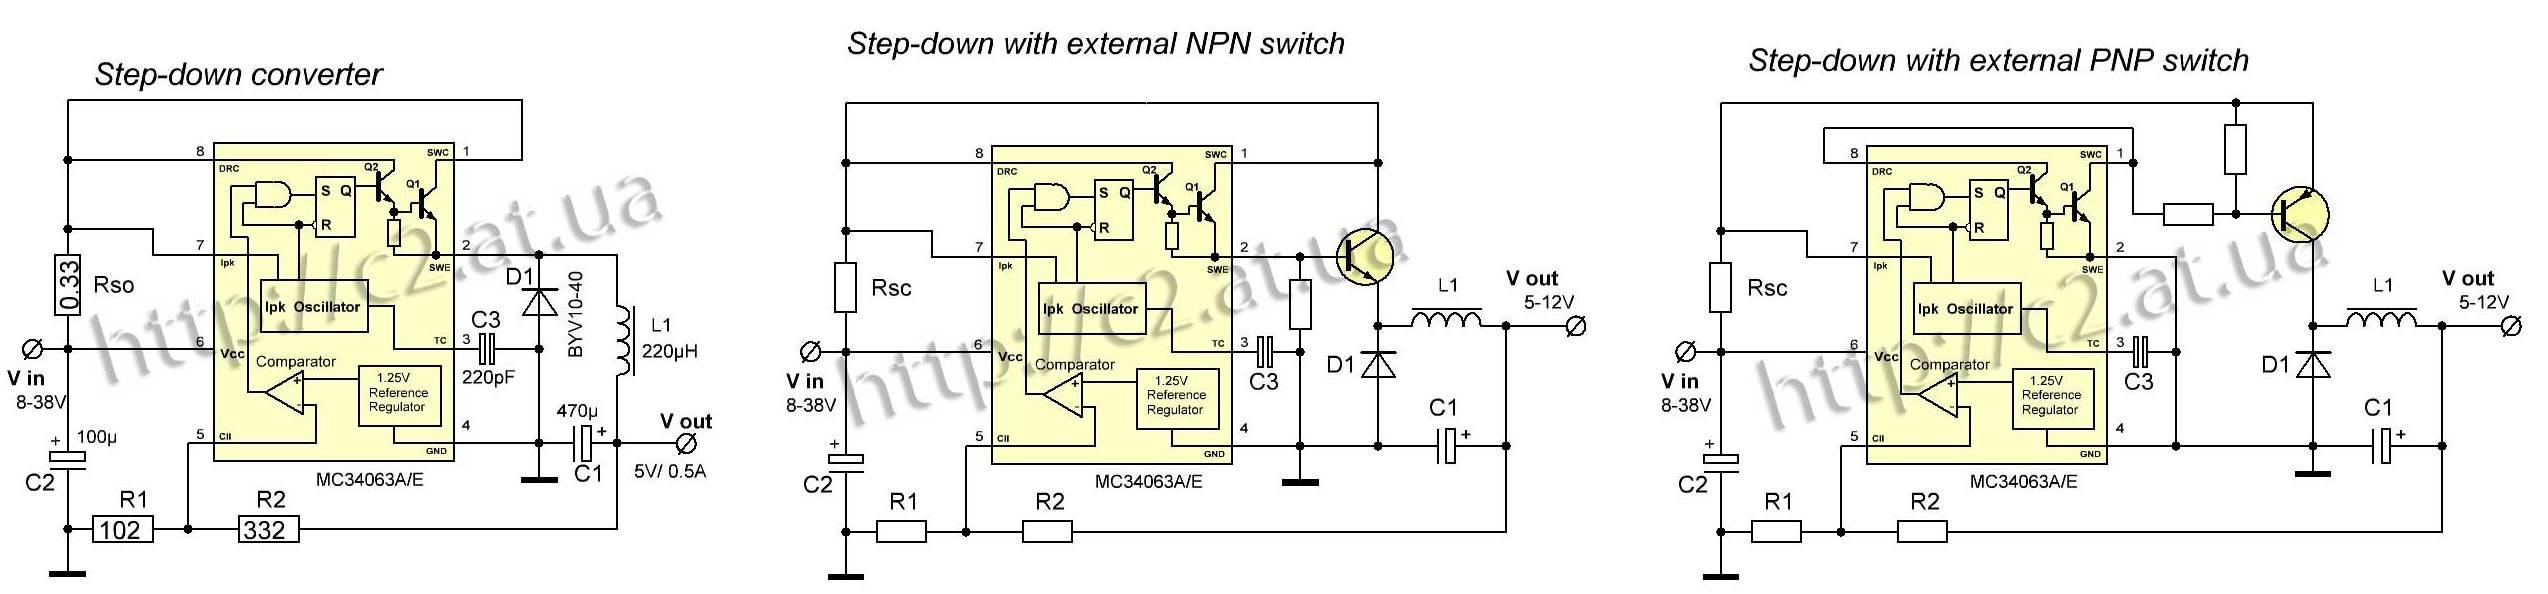 Преобразователь напряжения для зарядка телефонов схема